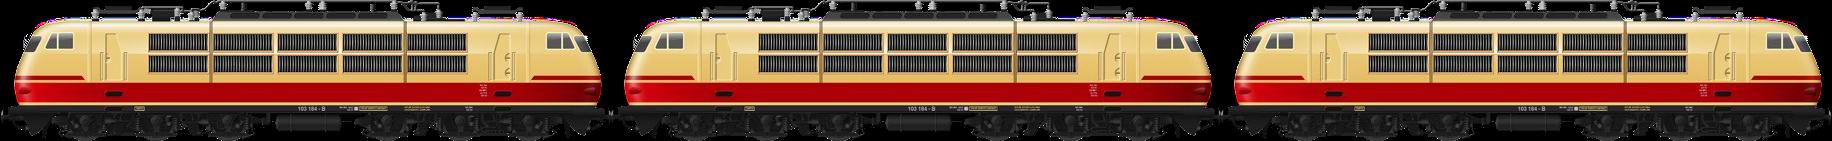 DB 103 Express II